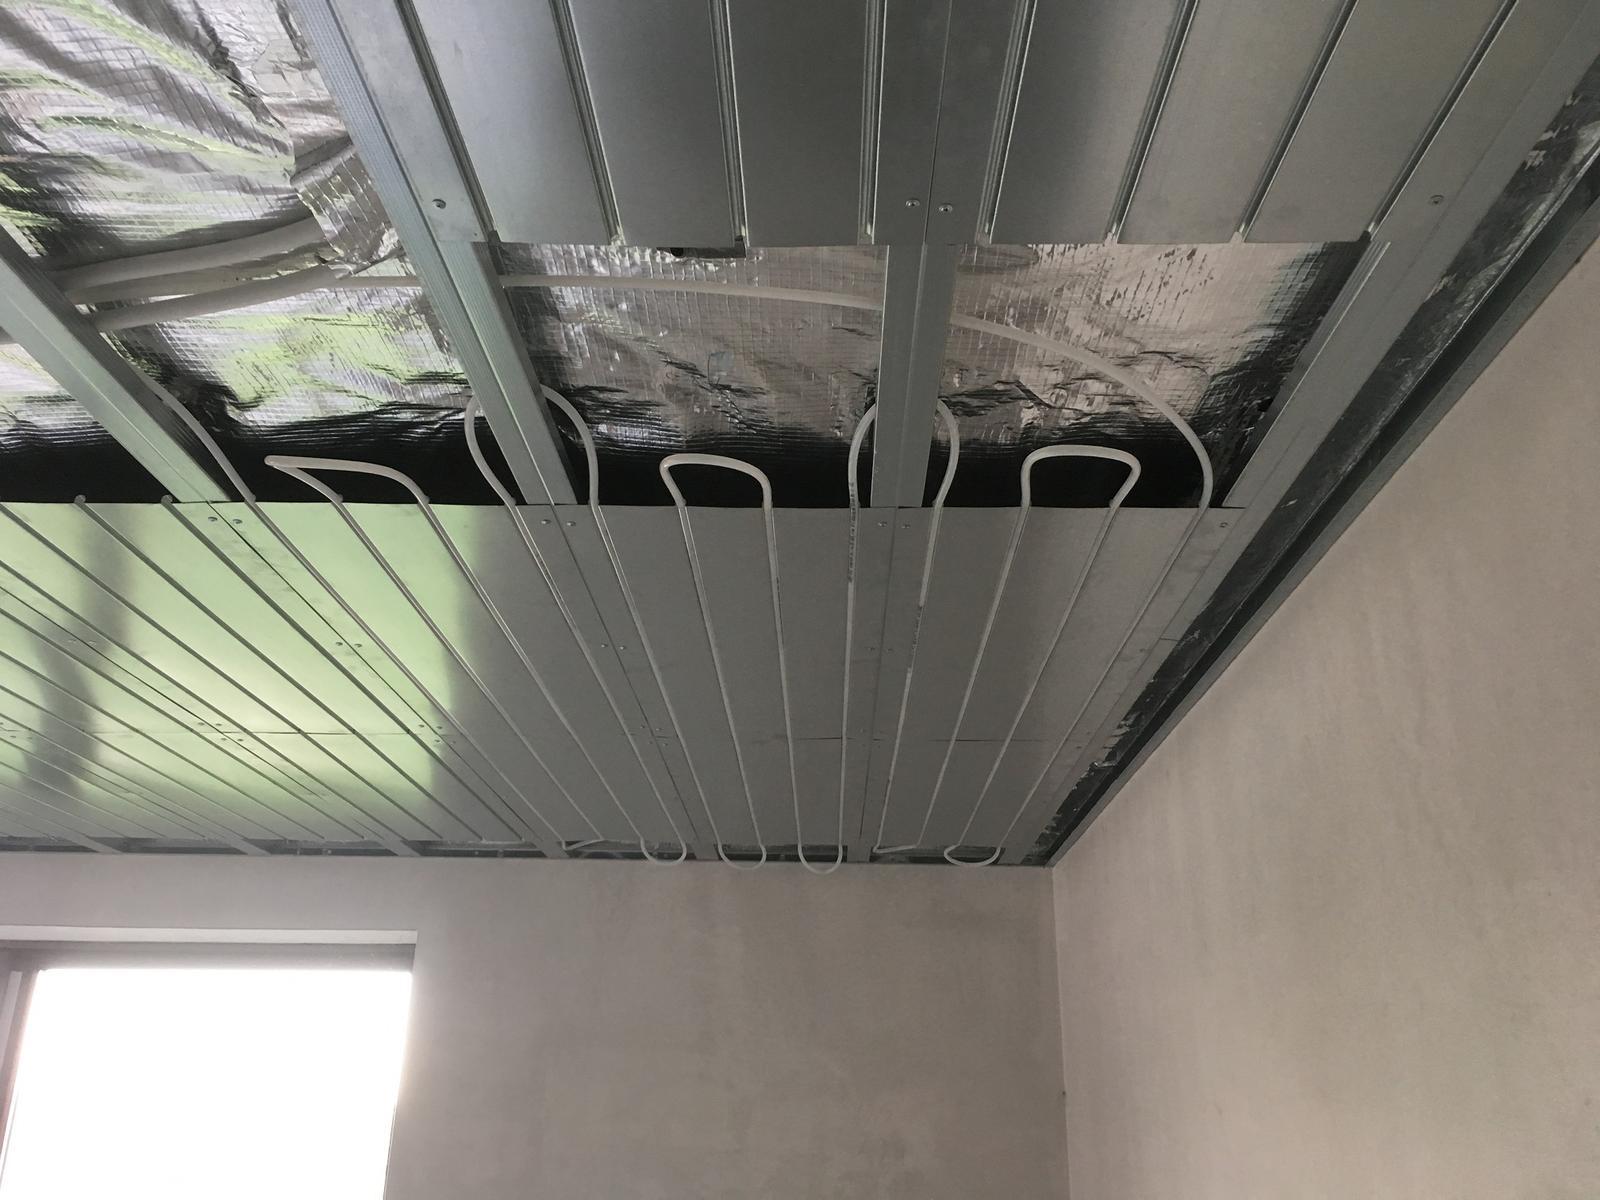 Panely na stropné chladenie/kúrenie - Obrázok č. 2